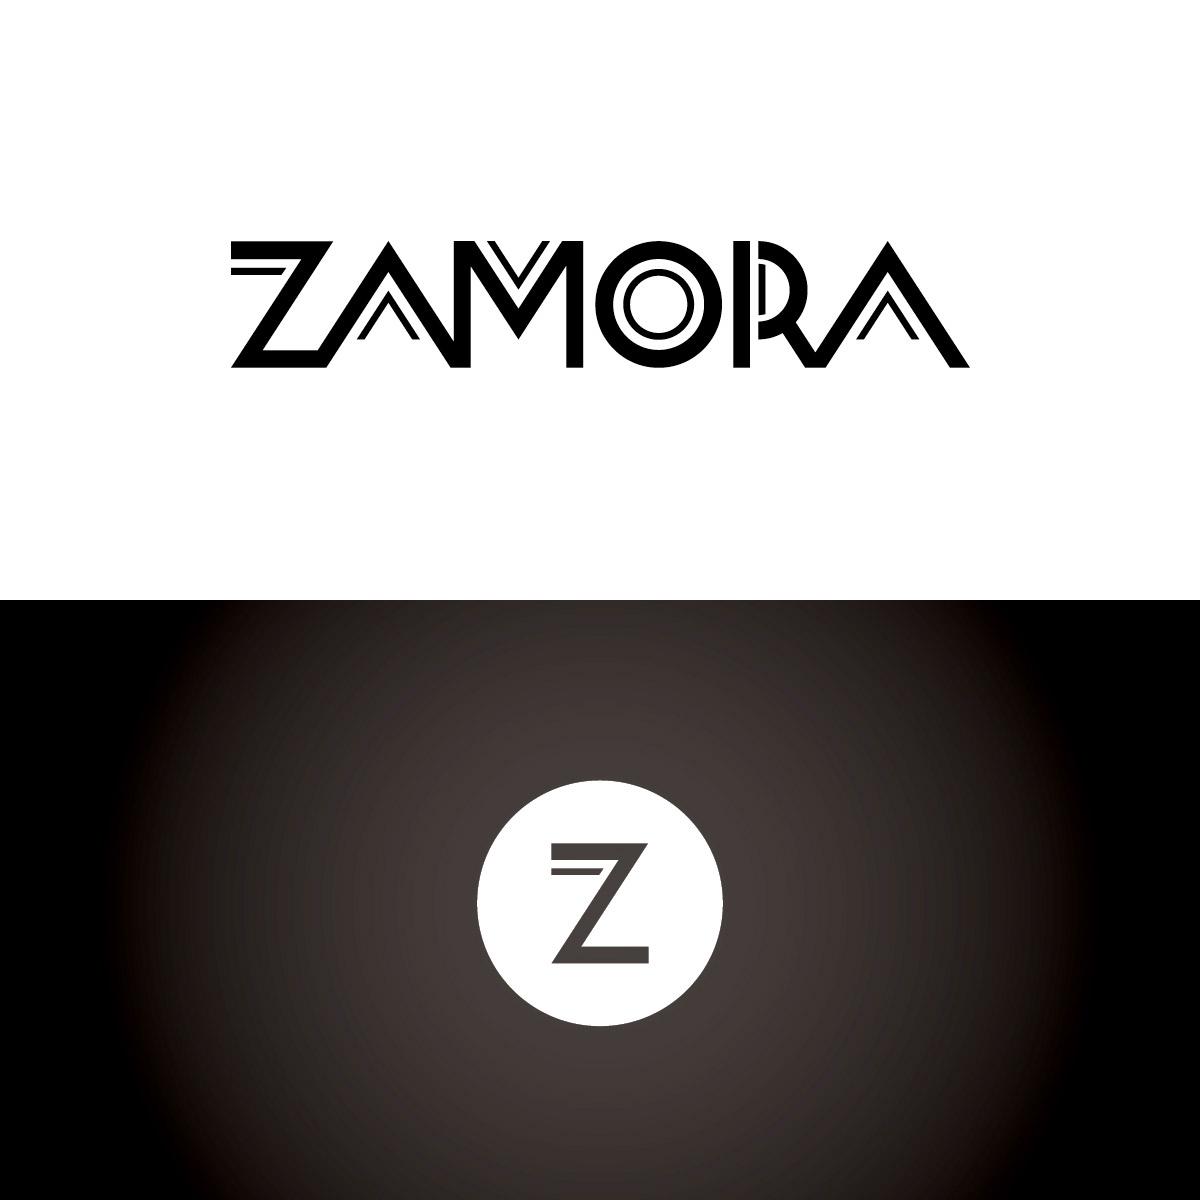 Zamora_Brand_02.jpg